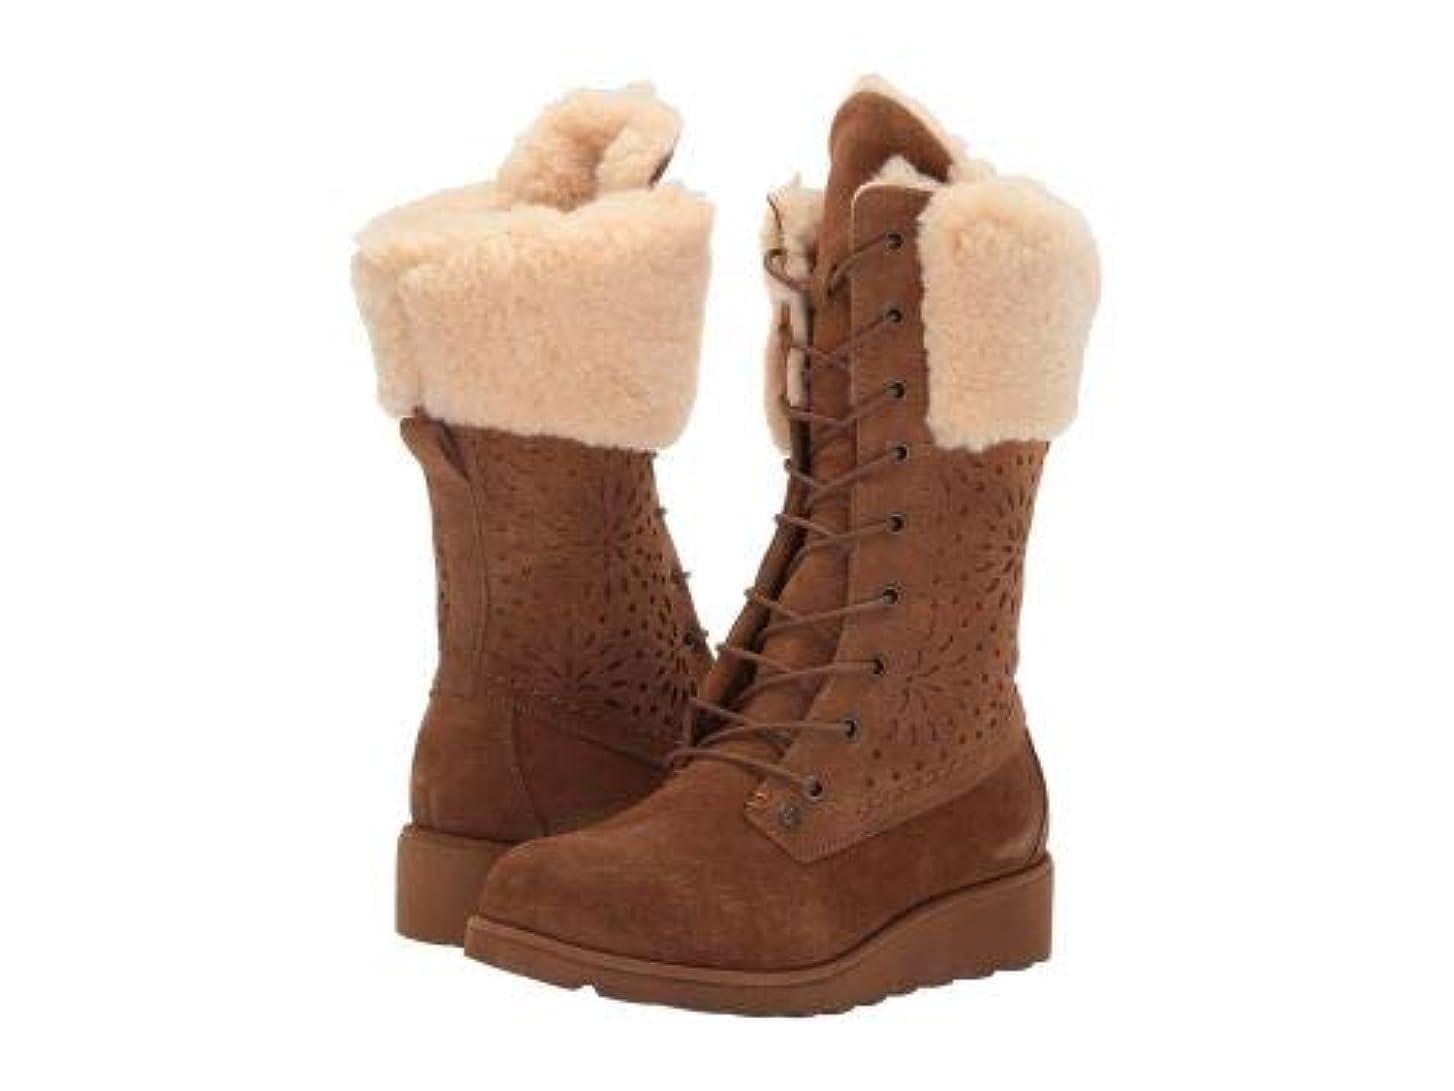 放射するお風呂銅[ベアパウ] レディース 女性用 シューズ 靴 ブーツ レースアップブーツ Kylie - Hickory [並行輸入品]